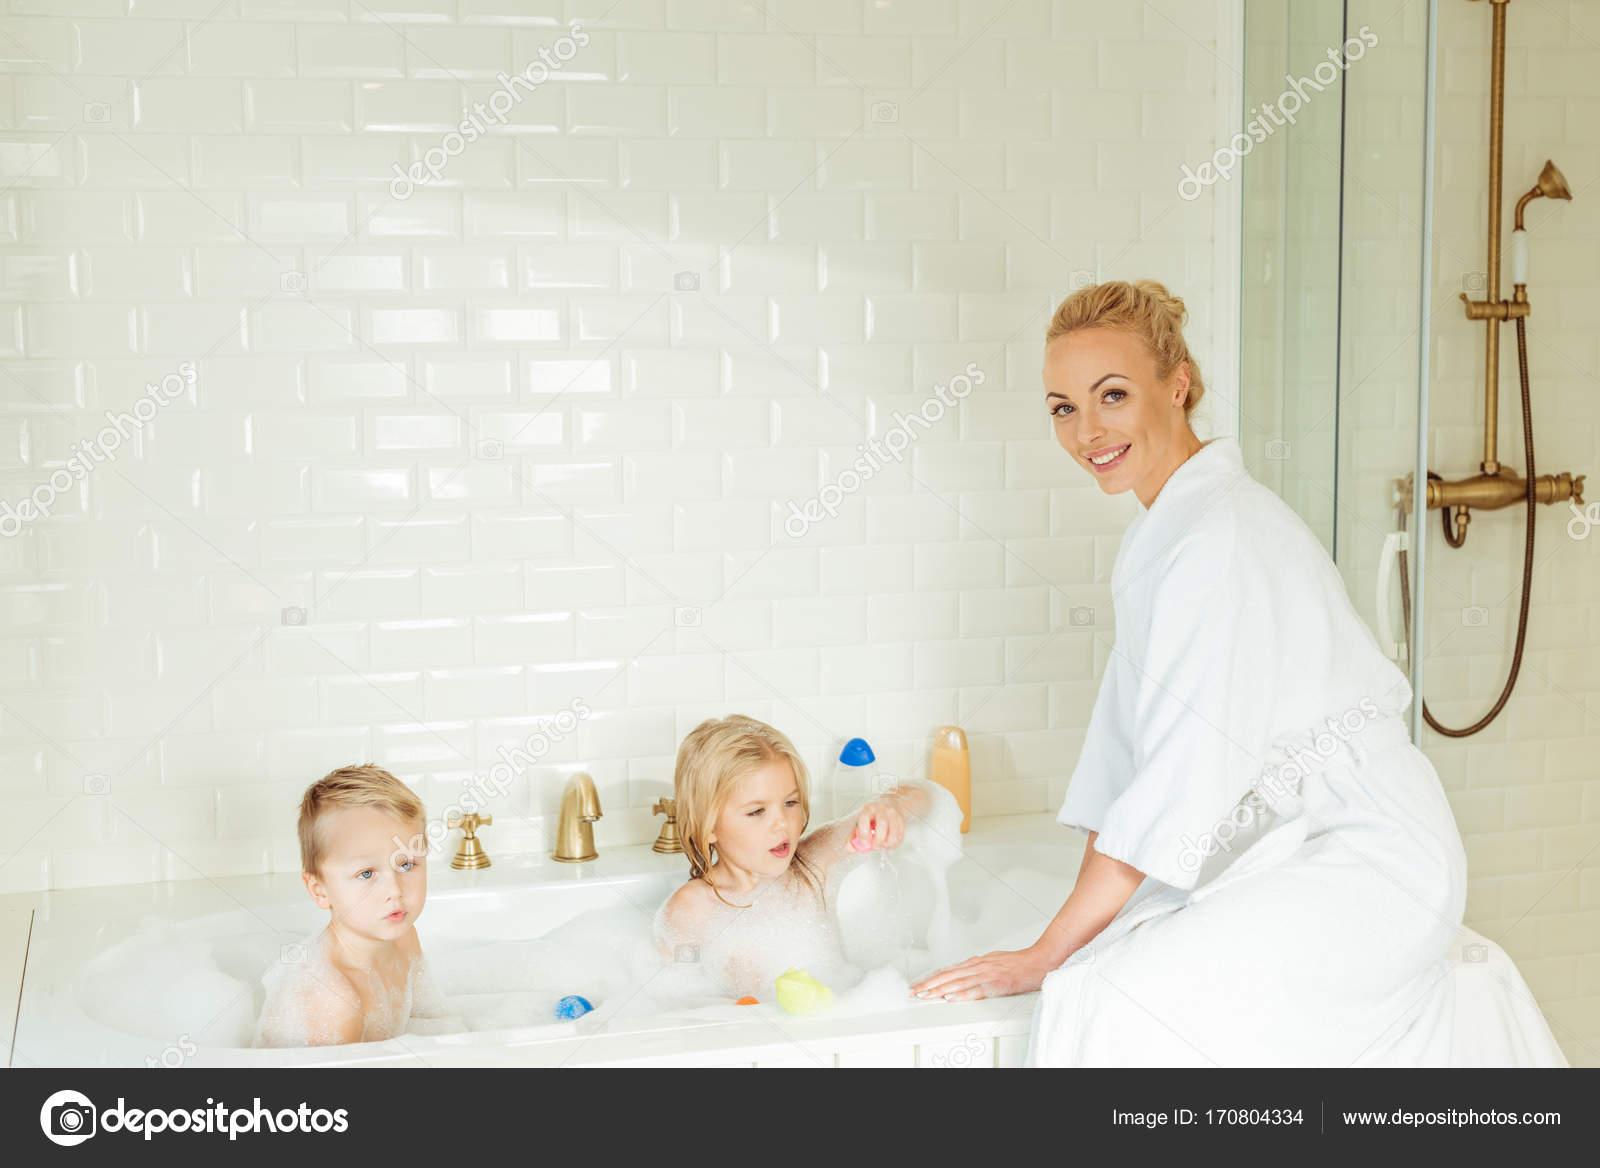 Vasca Da Bagno Bambini : Bambini di lavaggio di madre nella vasca da bagno u foto stock